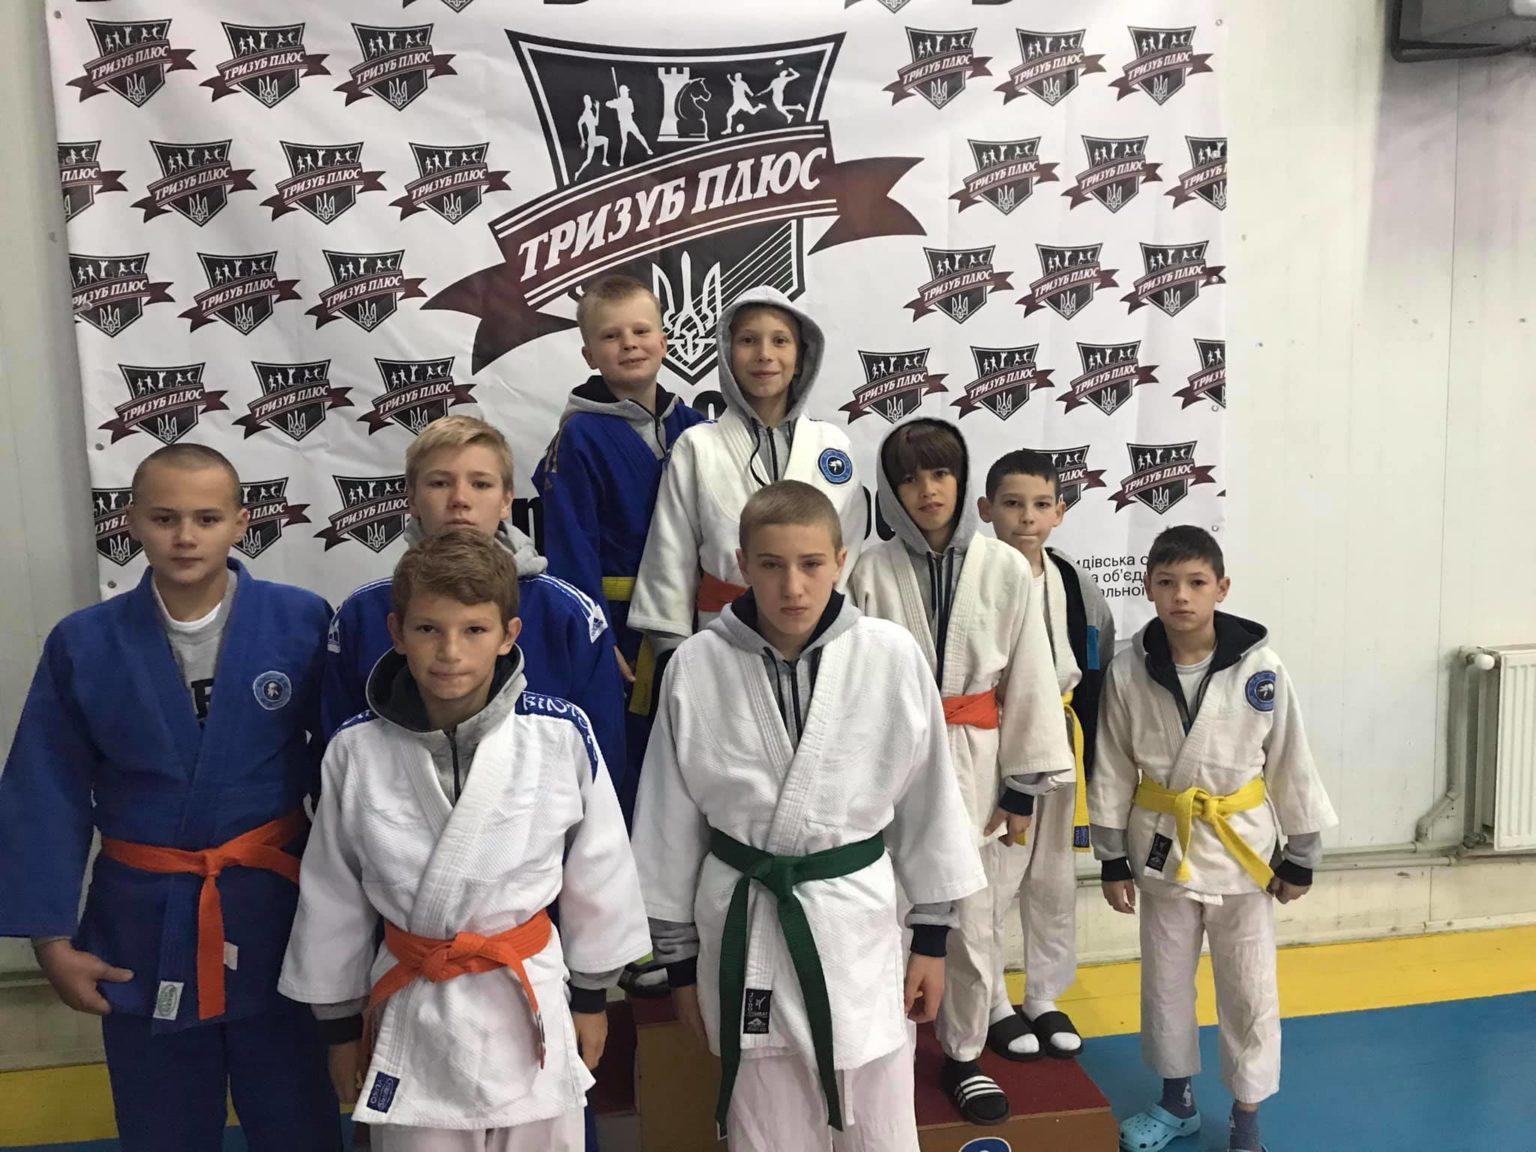 Нещодавно в с. Пасіки-Зубицького Львівської області пройшов всеукраїнський турнір з дзюдо серед дітей 2007-2008, 2009-2010, 2011-2012 р.н.